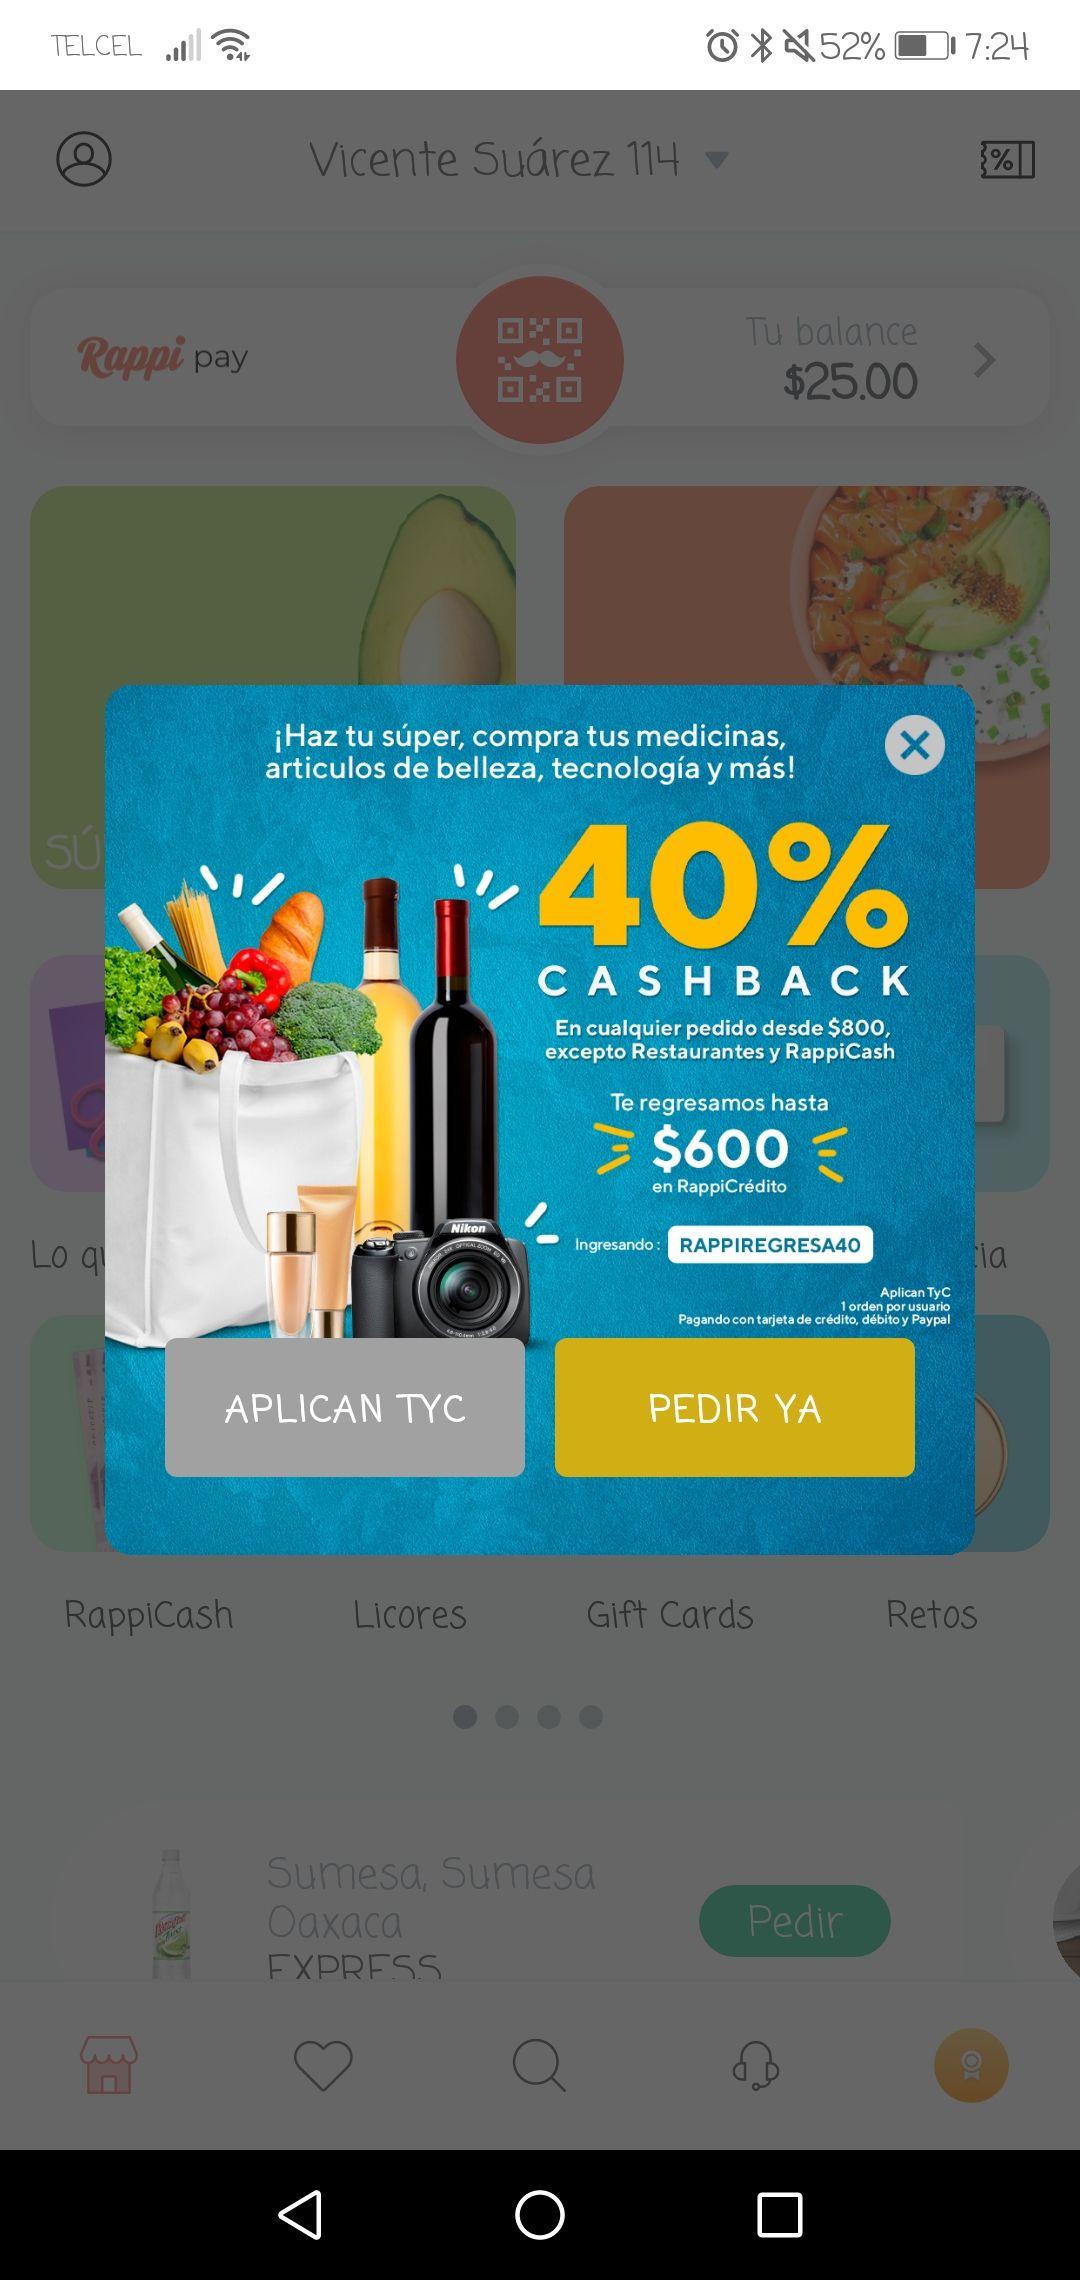 Rappi: Cashback del 40%  (Usuarios seleccionados)